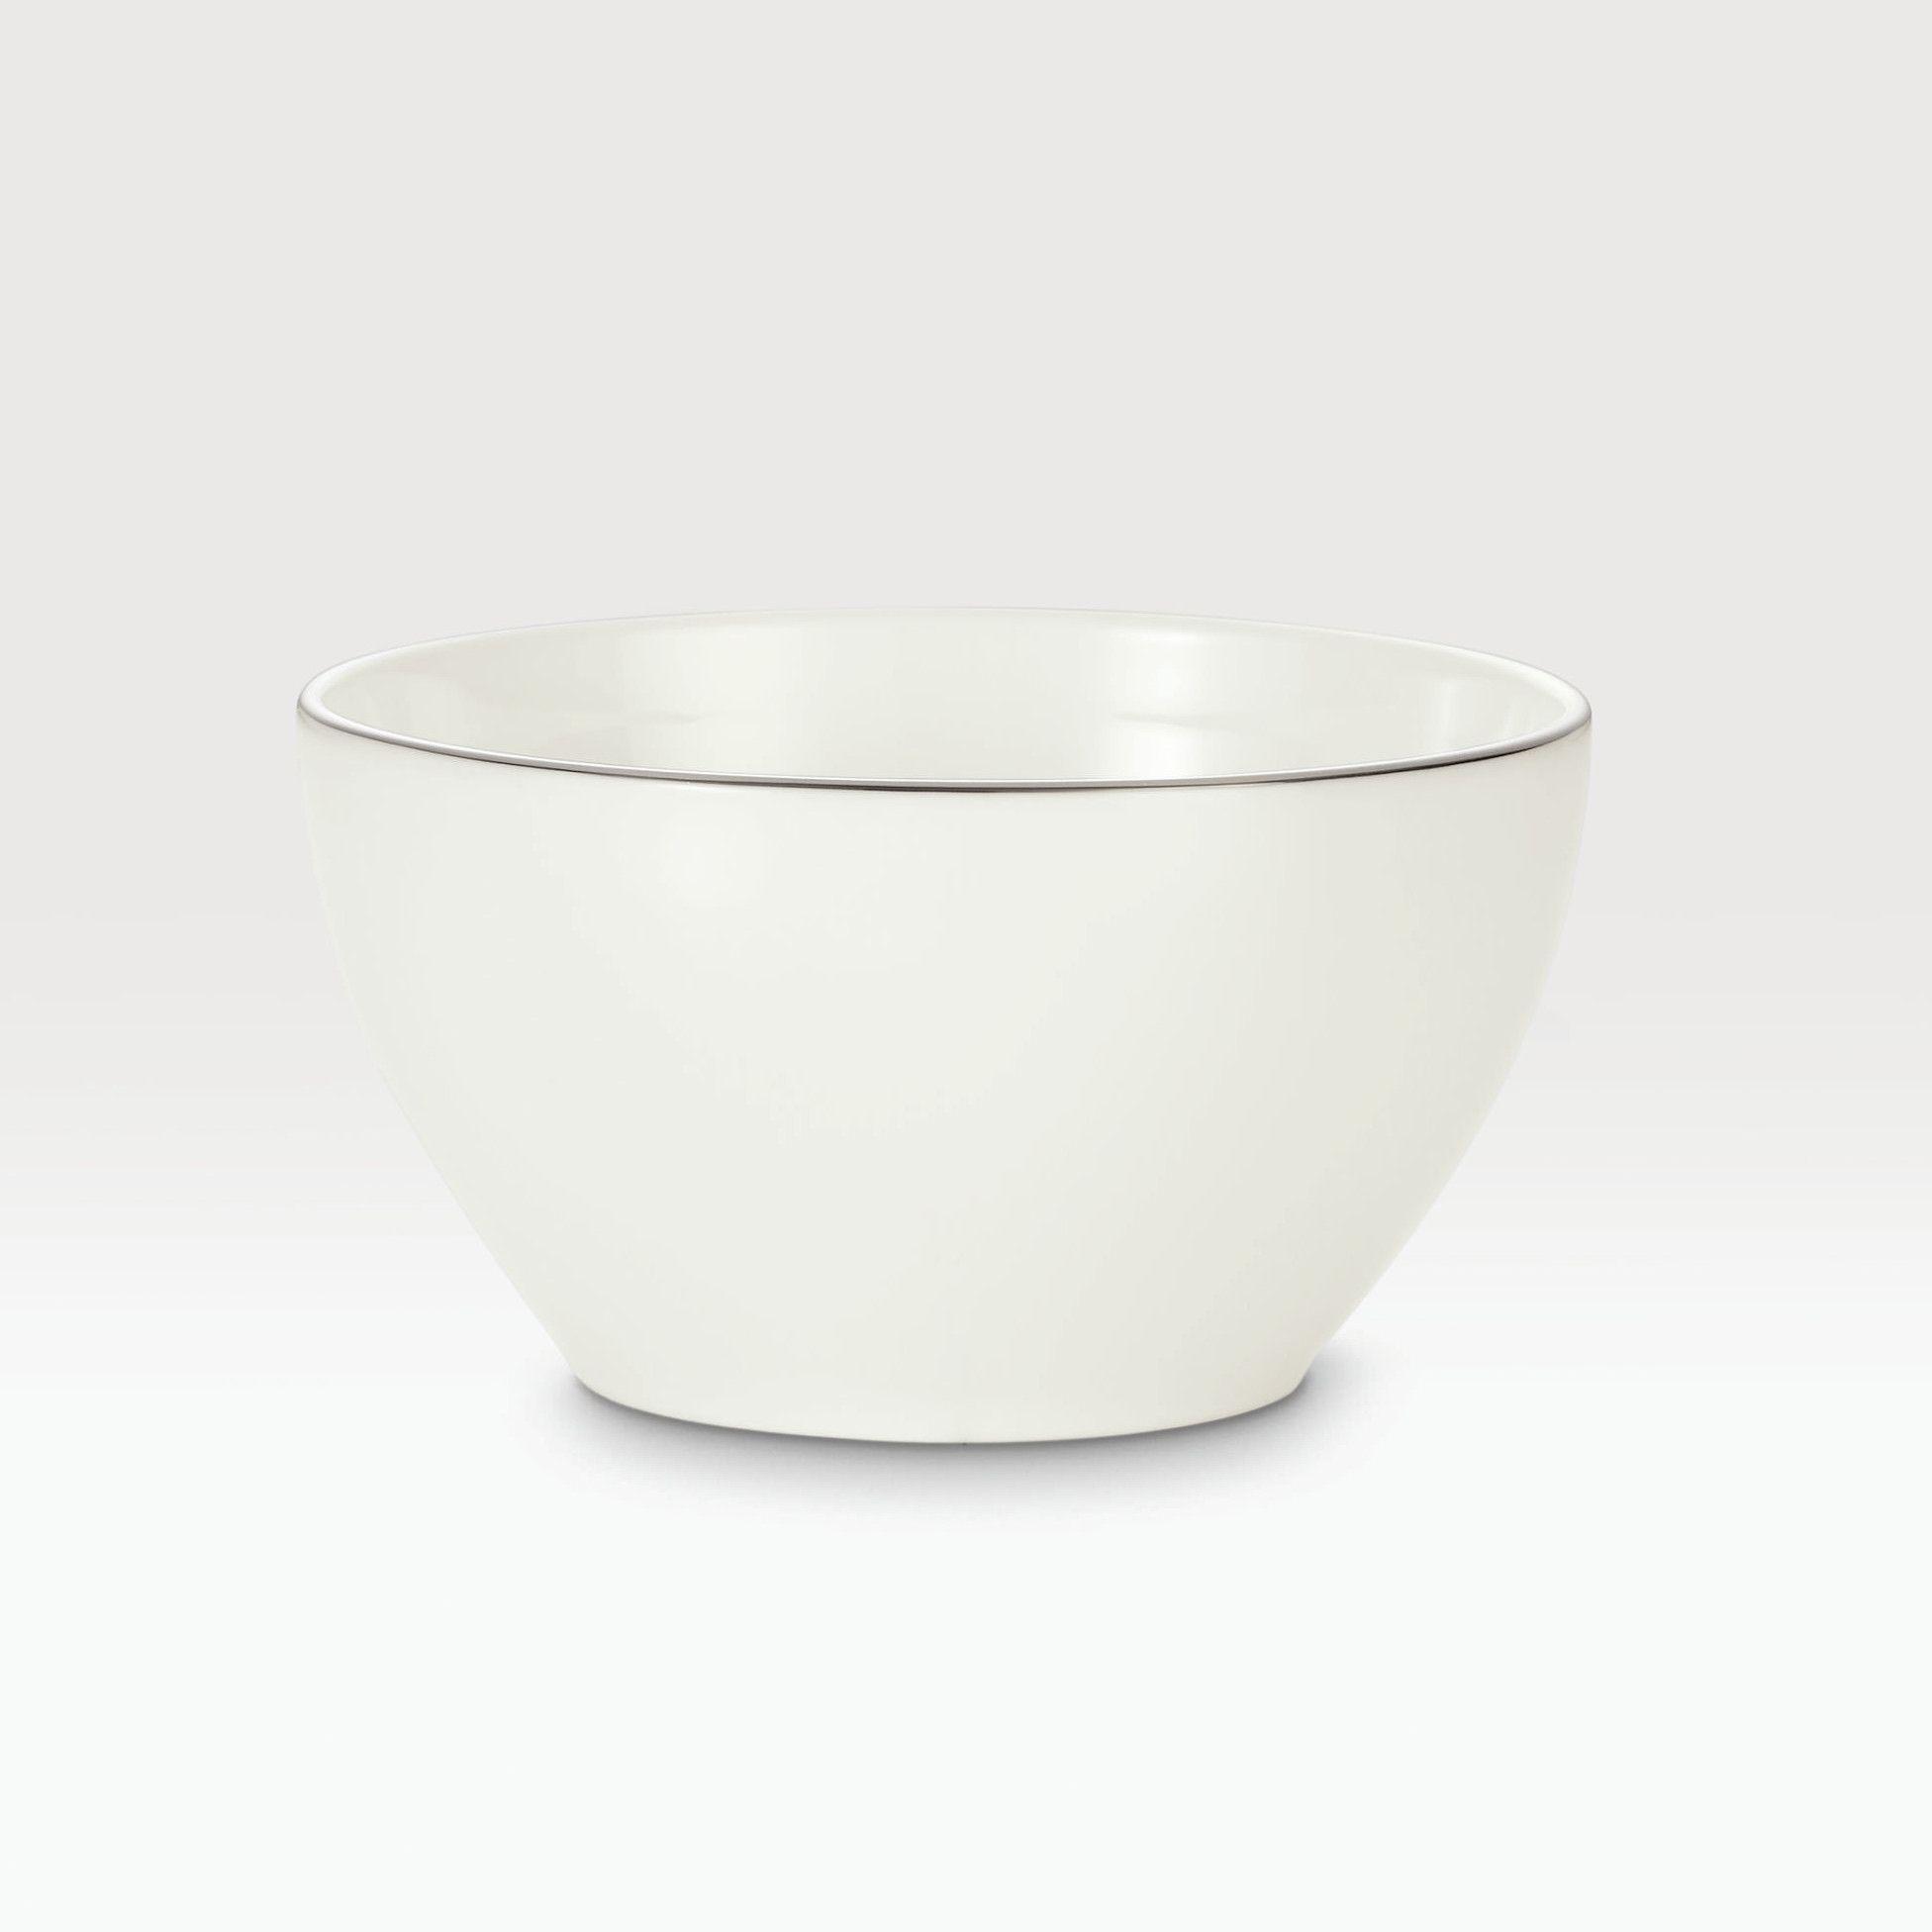 Maestro Small Round Bowl